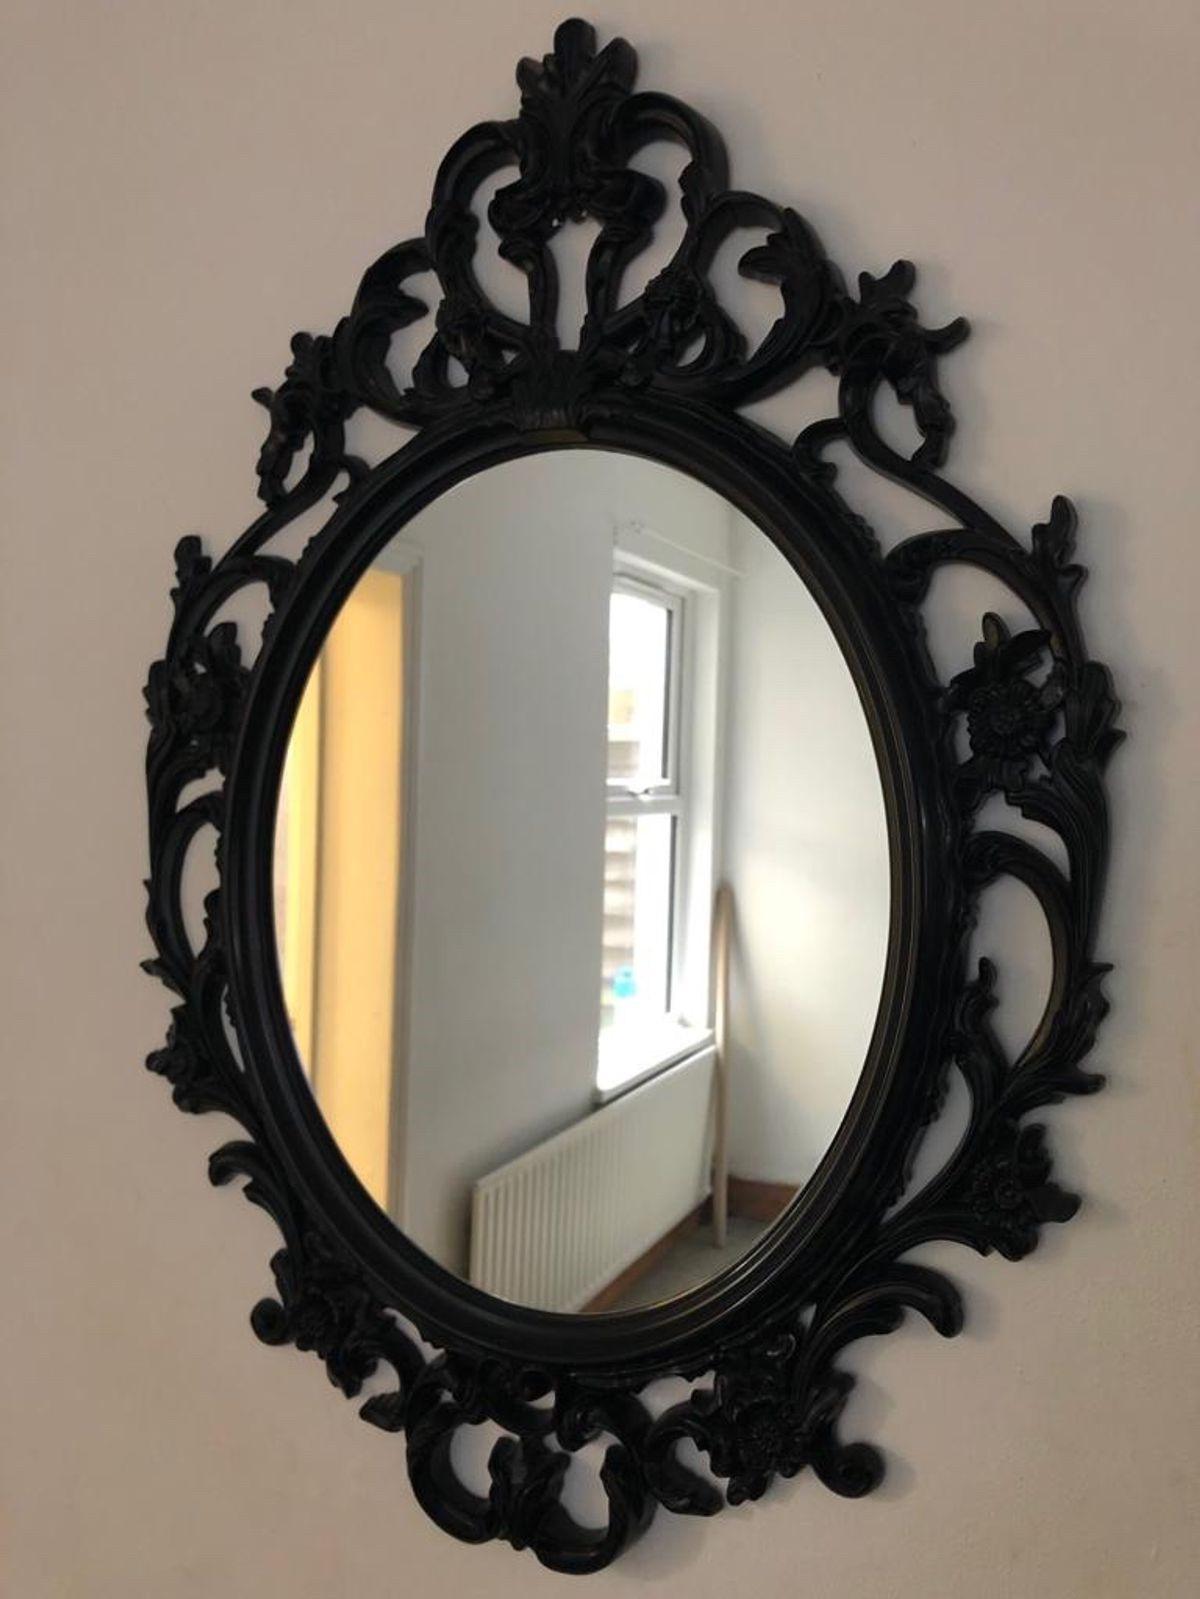 Miroir élégant pour votre entrée.